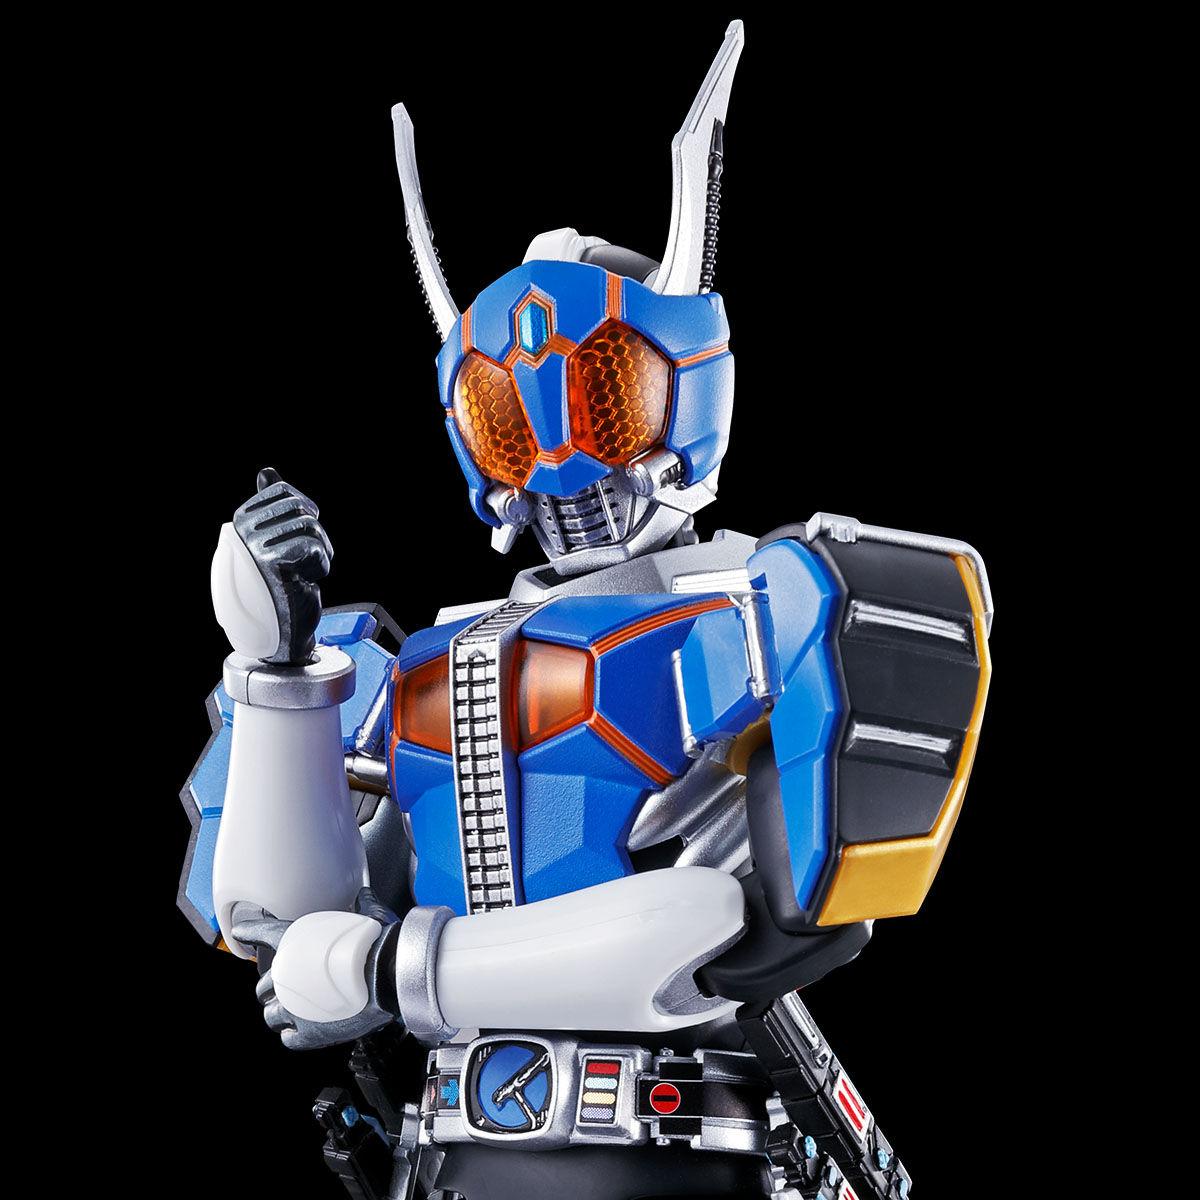 【限定販売】Figure-rise Standard『仮面ライダー電王 ガンフォーム&プラットフォーム』プラモデル-017